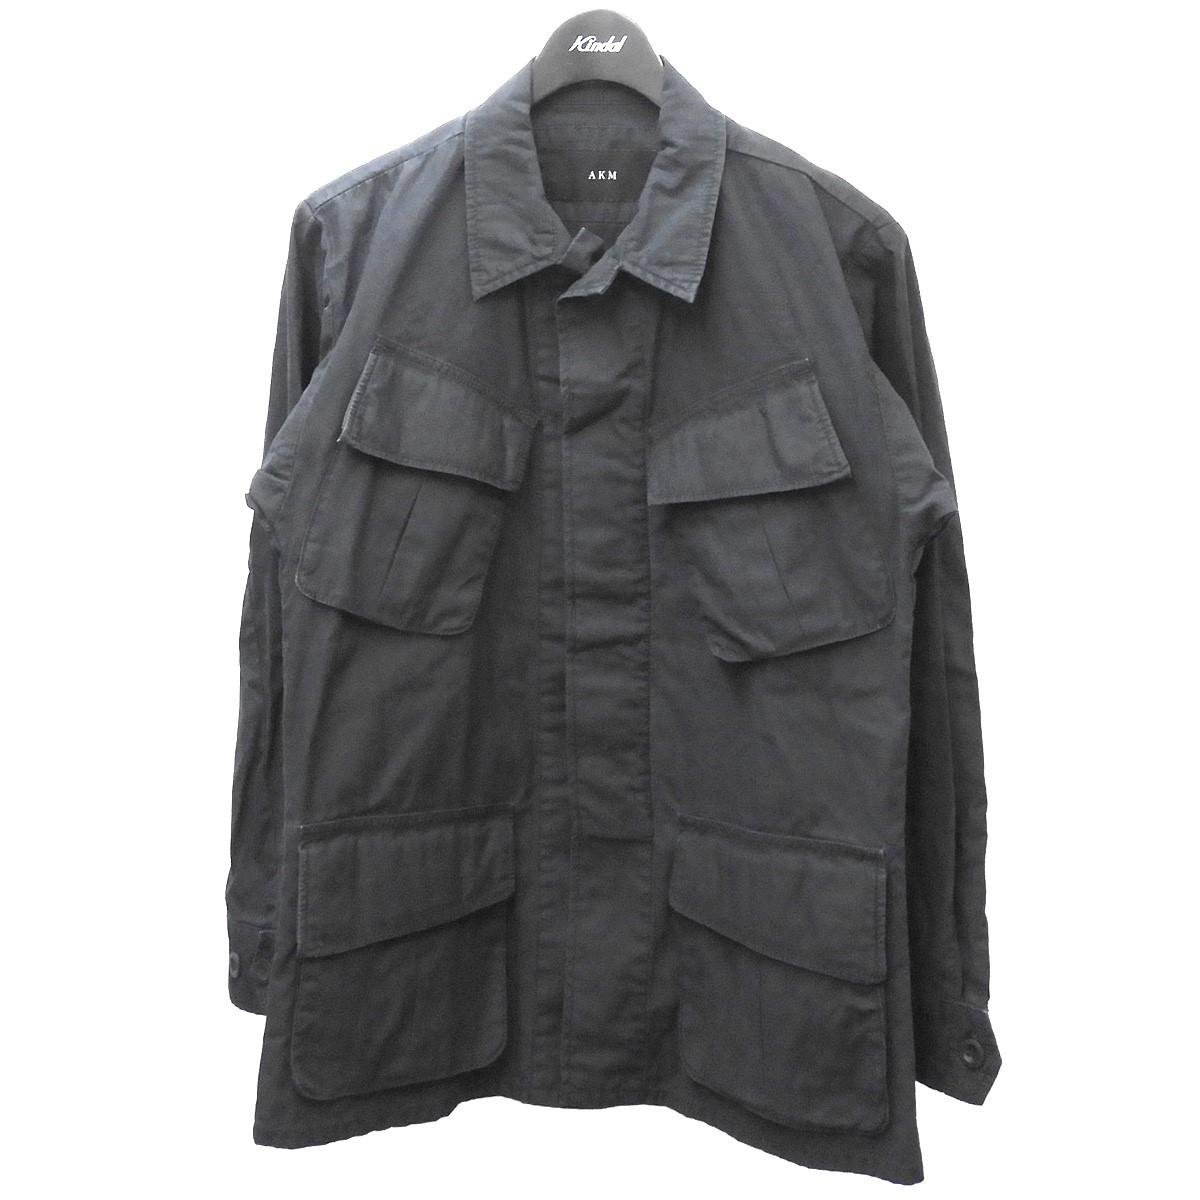 【まとめ買い】 AKM 「US JUNGLE FATIGUE JKT」ミリタリージャケット ブラック サイズ:M 【090121】(エイケイエム), 家具インテリア通販 アットカグ b93e6d09